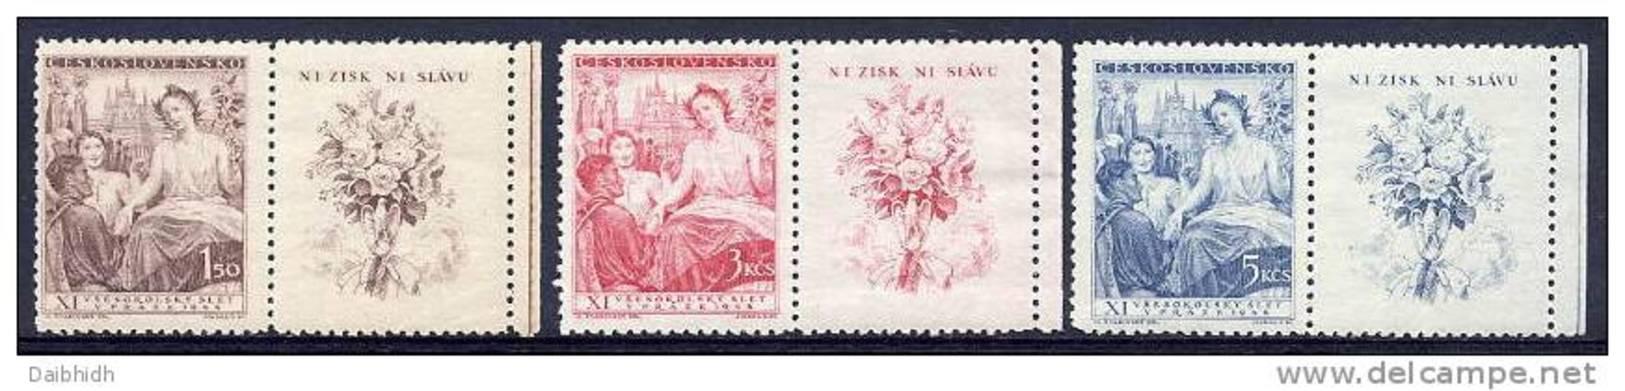 CZECHOSLOVAKIA 1948 Sokol Congress With Labels MNH / **.  Michel 532-34Zf - Czechoslovakia